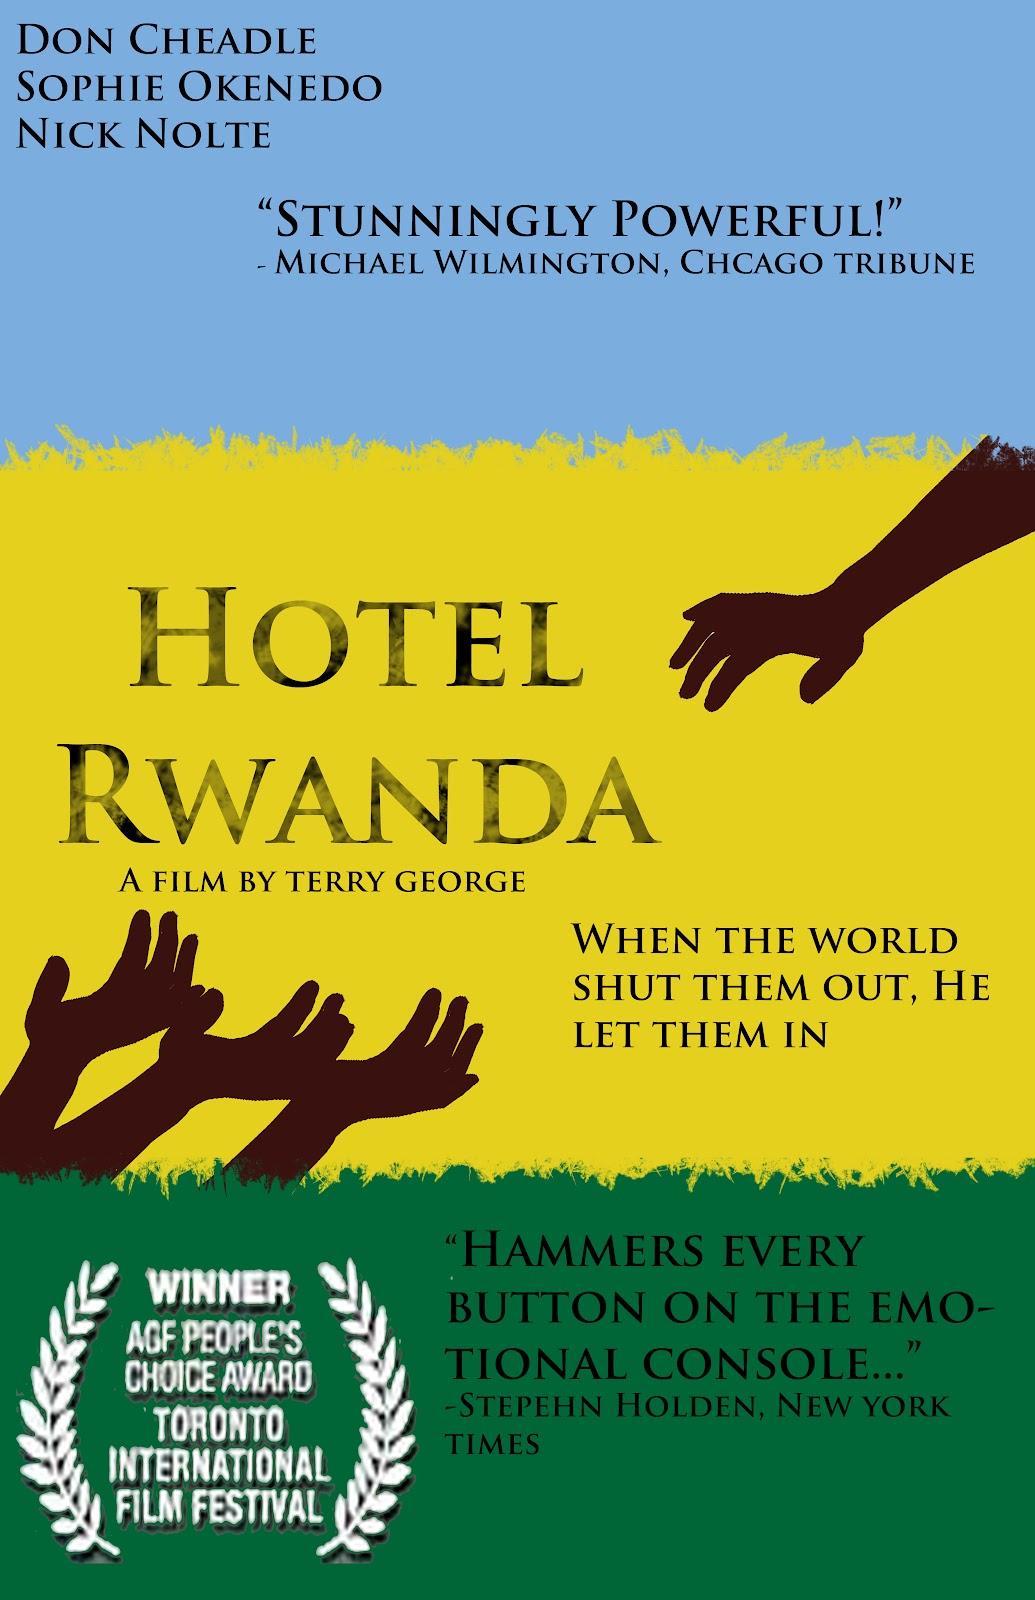 Quotes From Hotel Rwanda Quotesgram